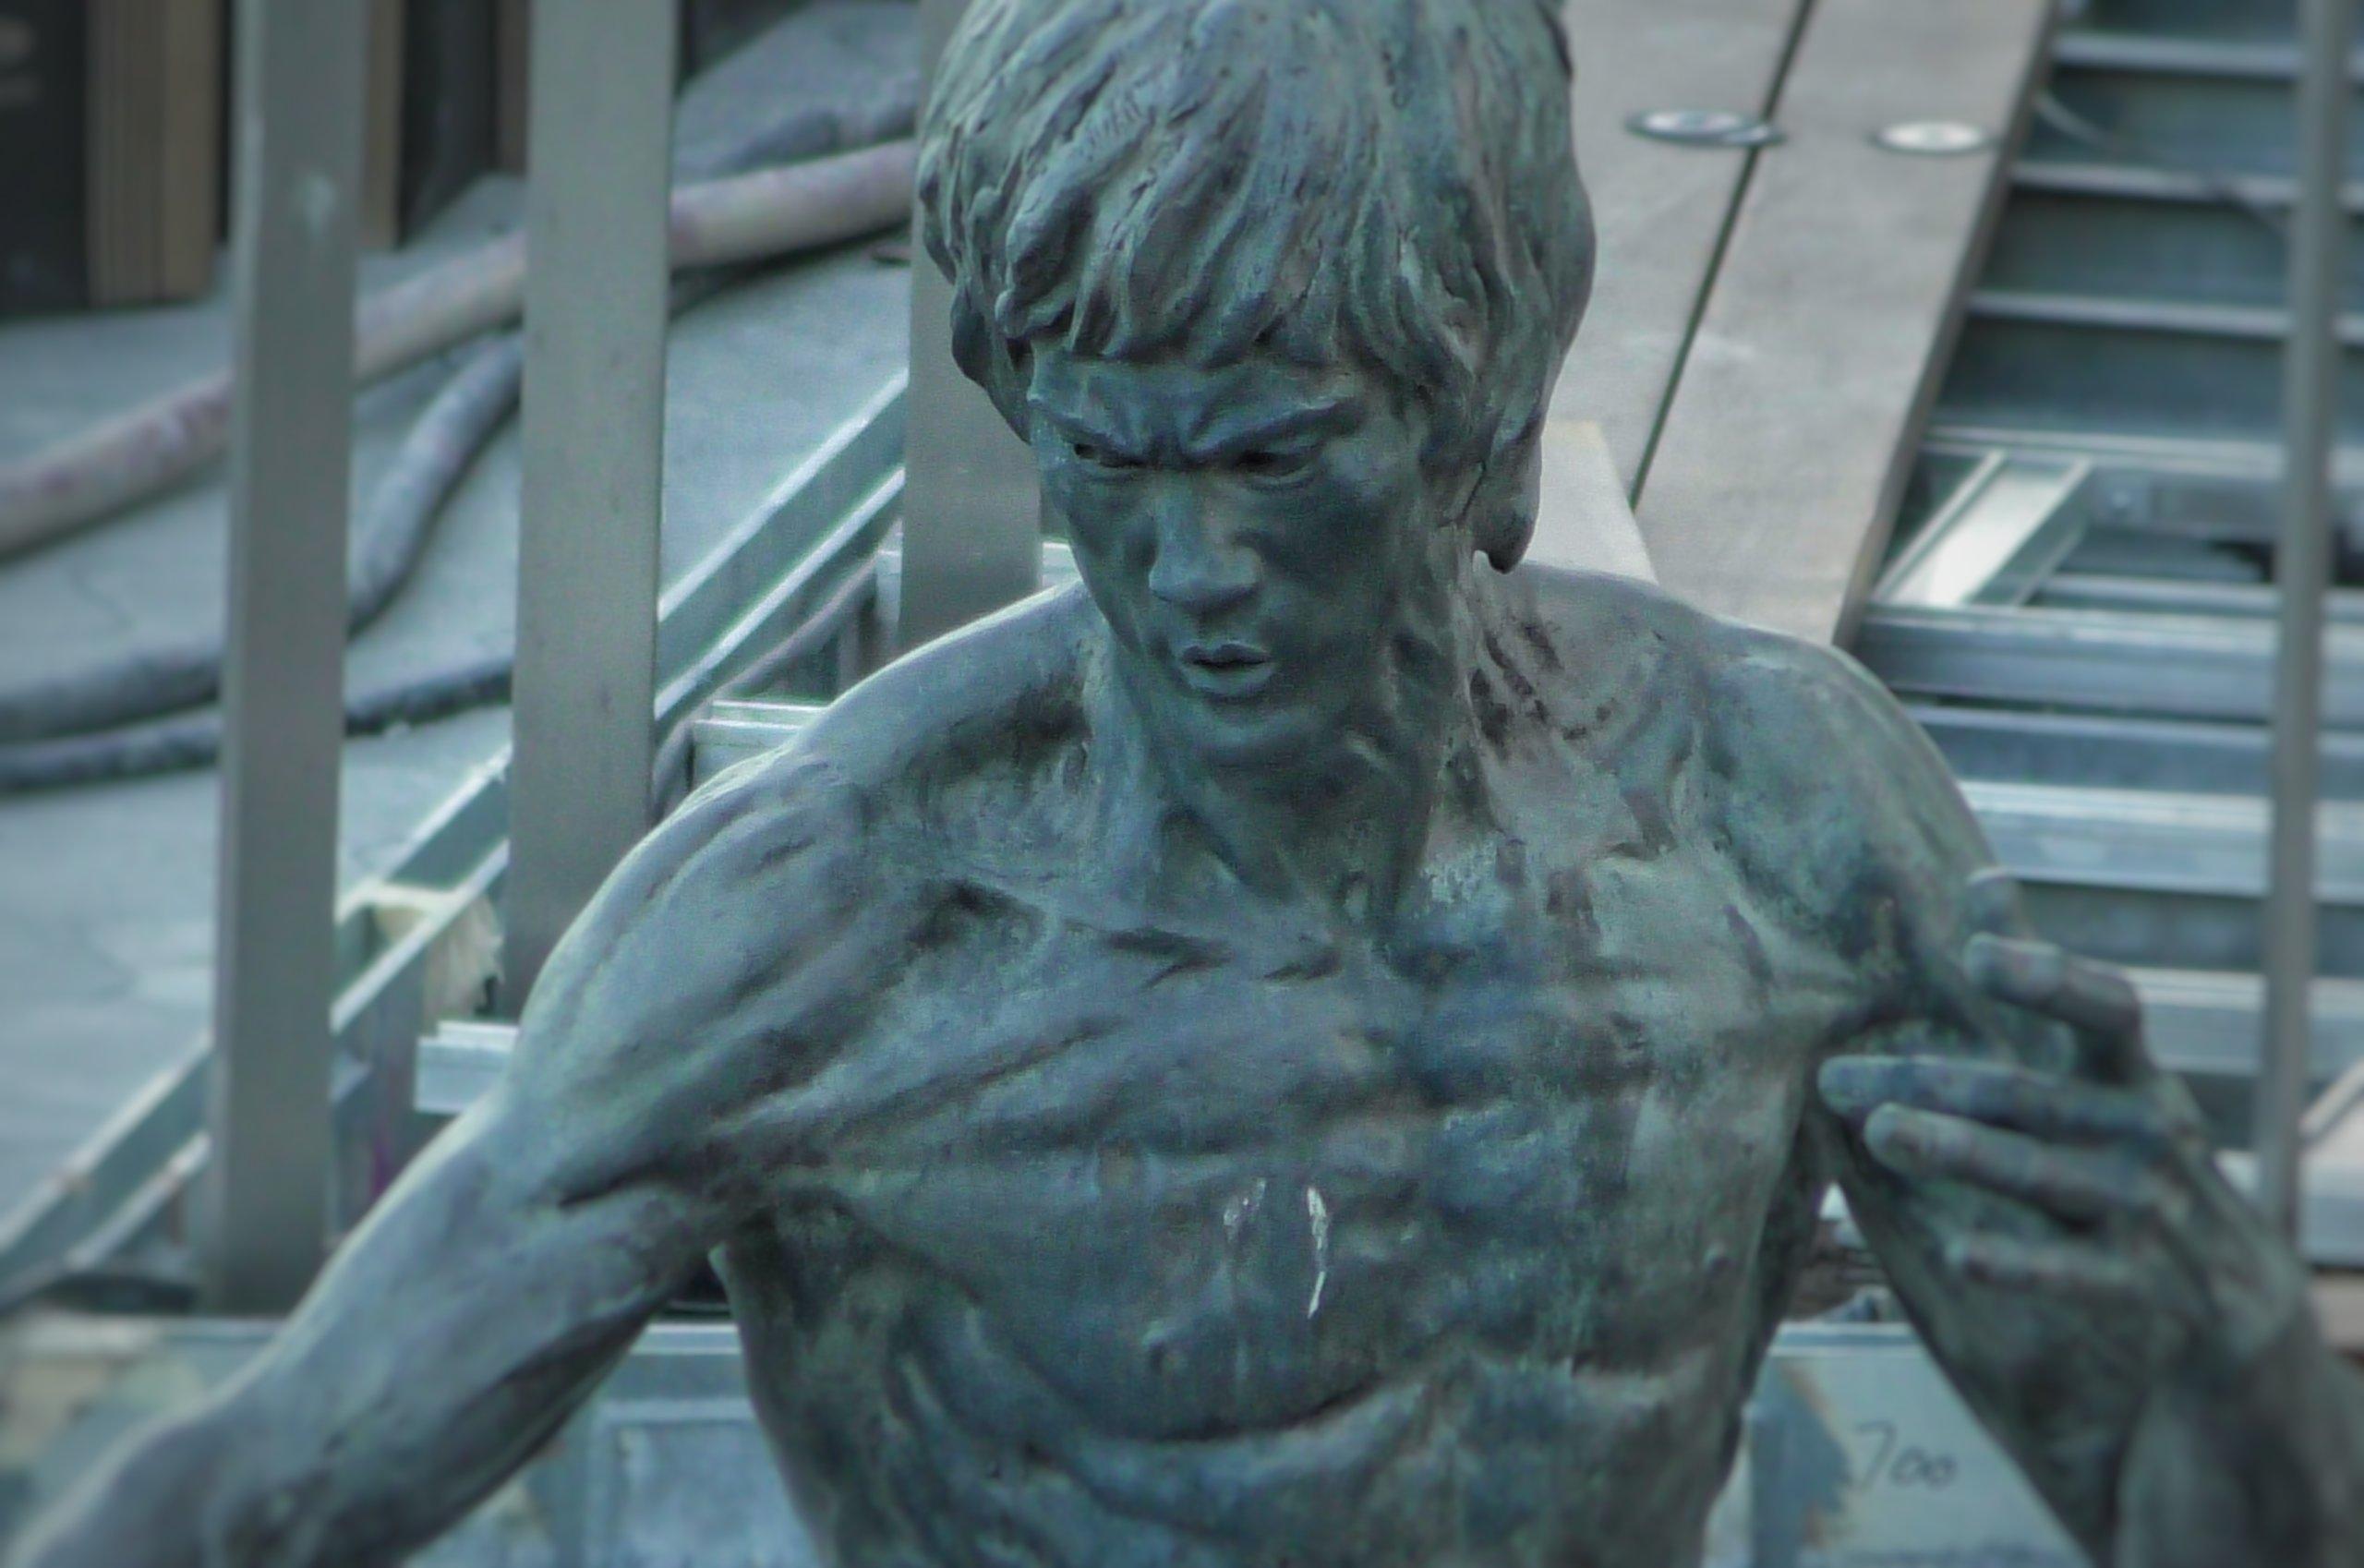 香港にあるブルース・リーの銅像,Statue of Bruce Lee in Hong Kong